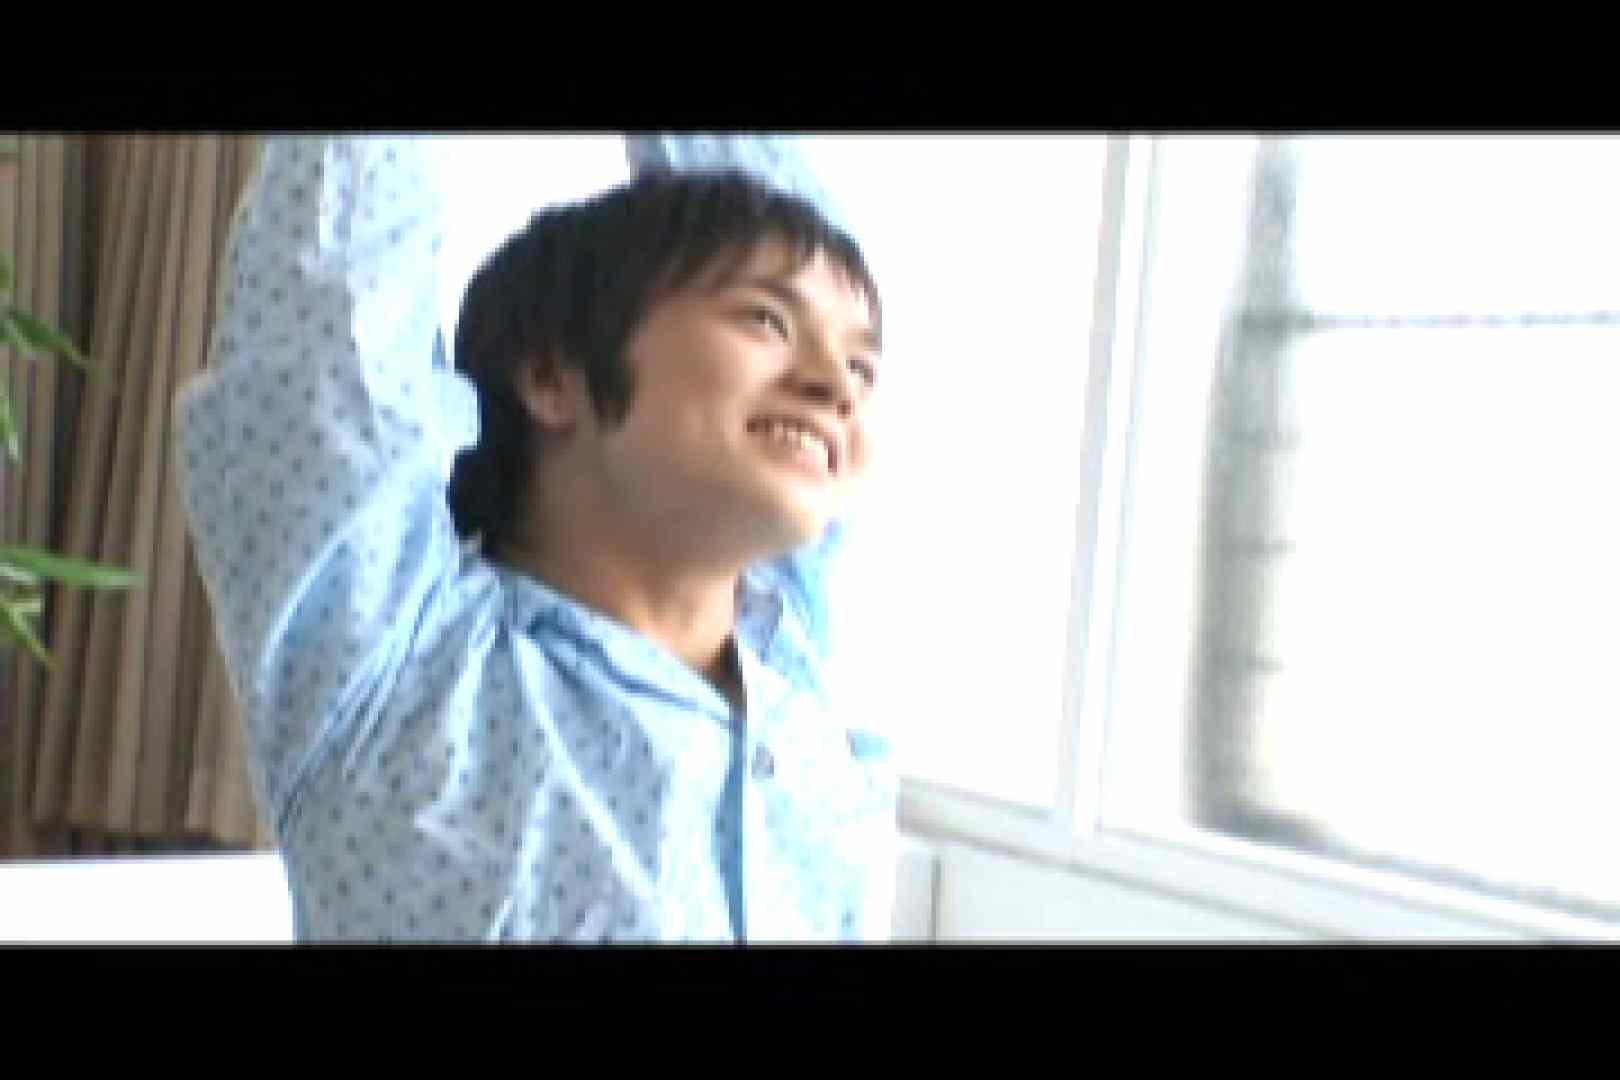 美男子コレクションvol7 イケメン ケツマンスケベ画像 104枚 60